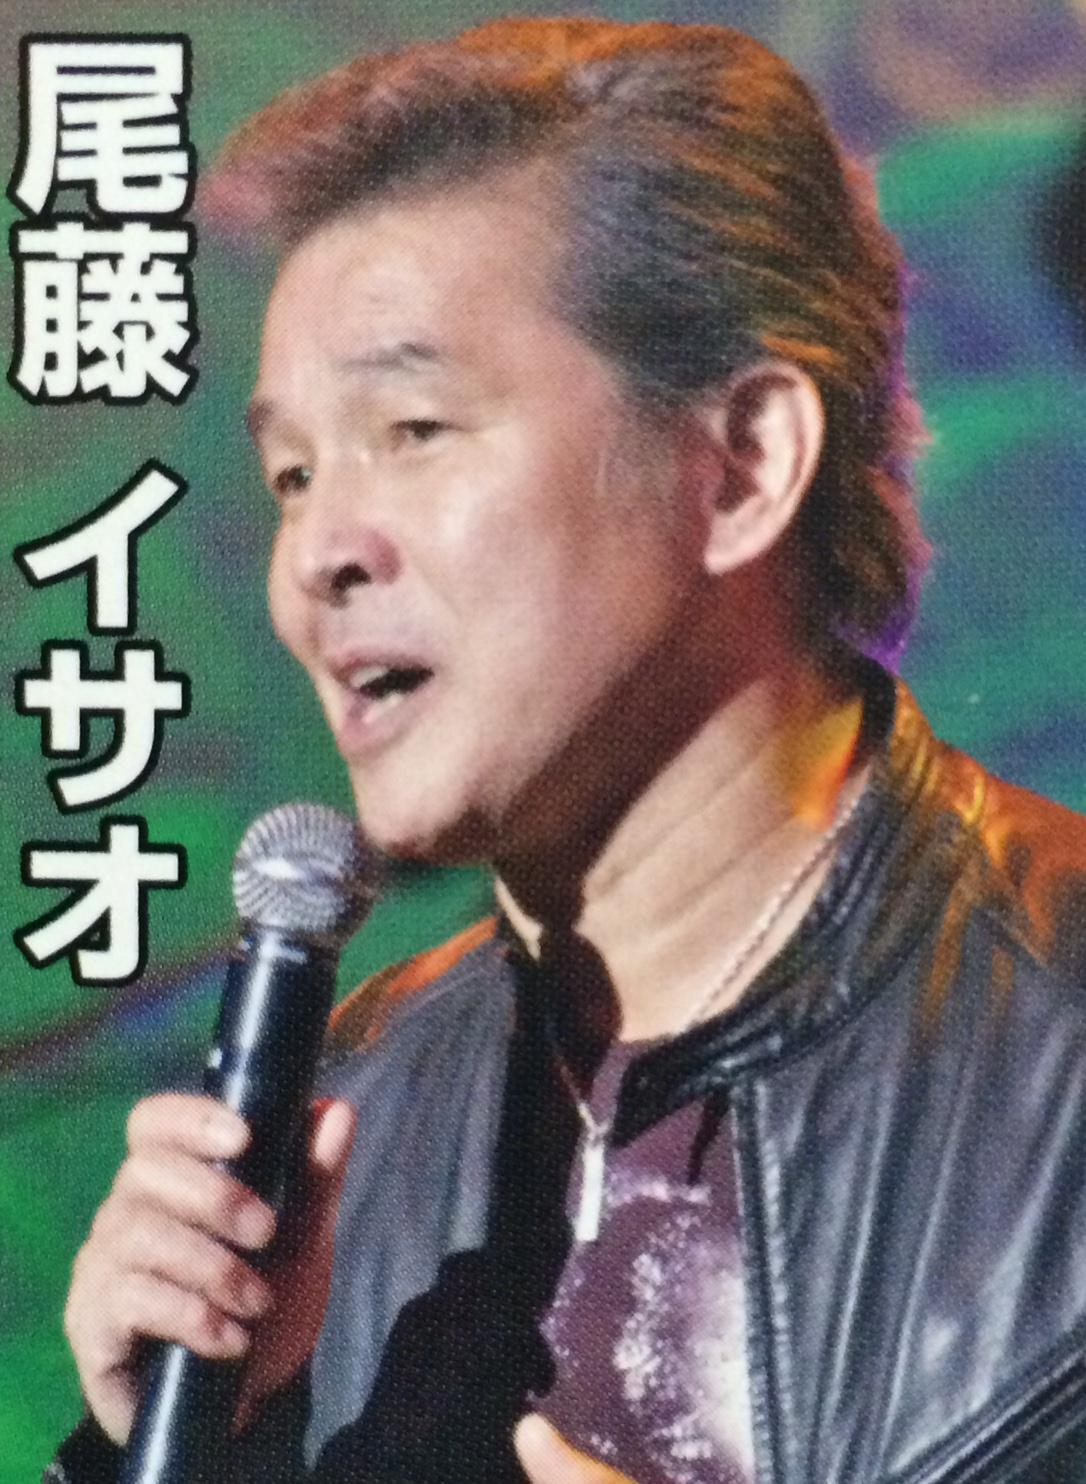 尾藤イサオさんにインタビュー、元気をもらった : 香取俊介・東京日記